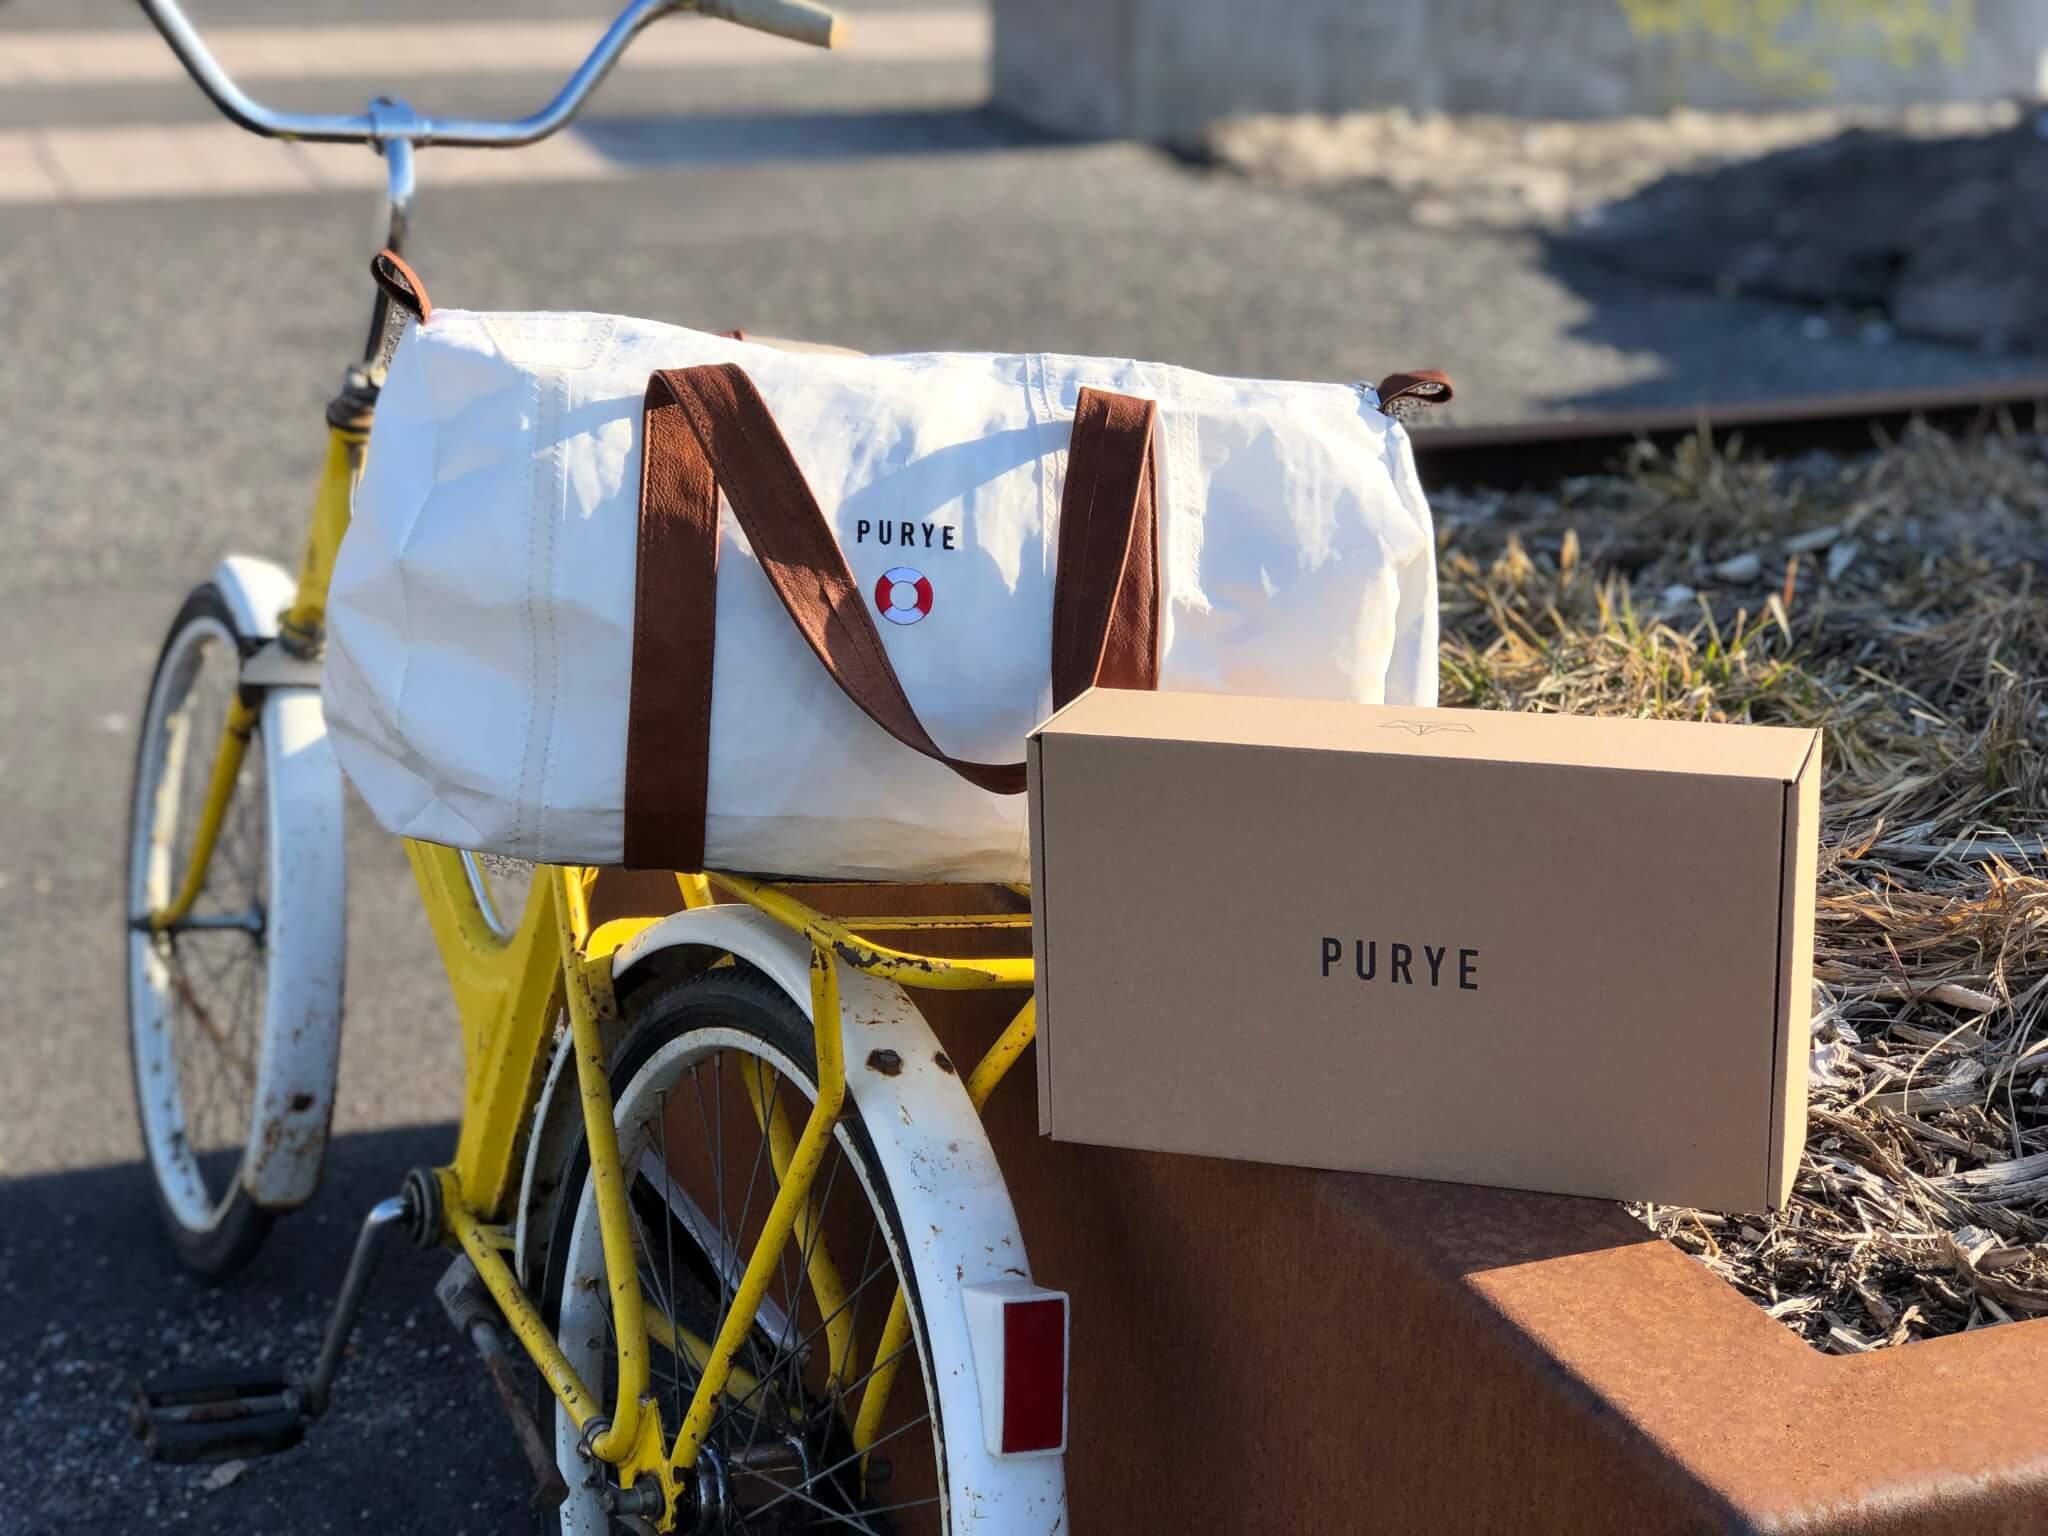 purye udržitelné ekologicke balení kompostovalne